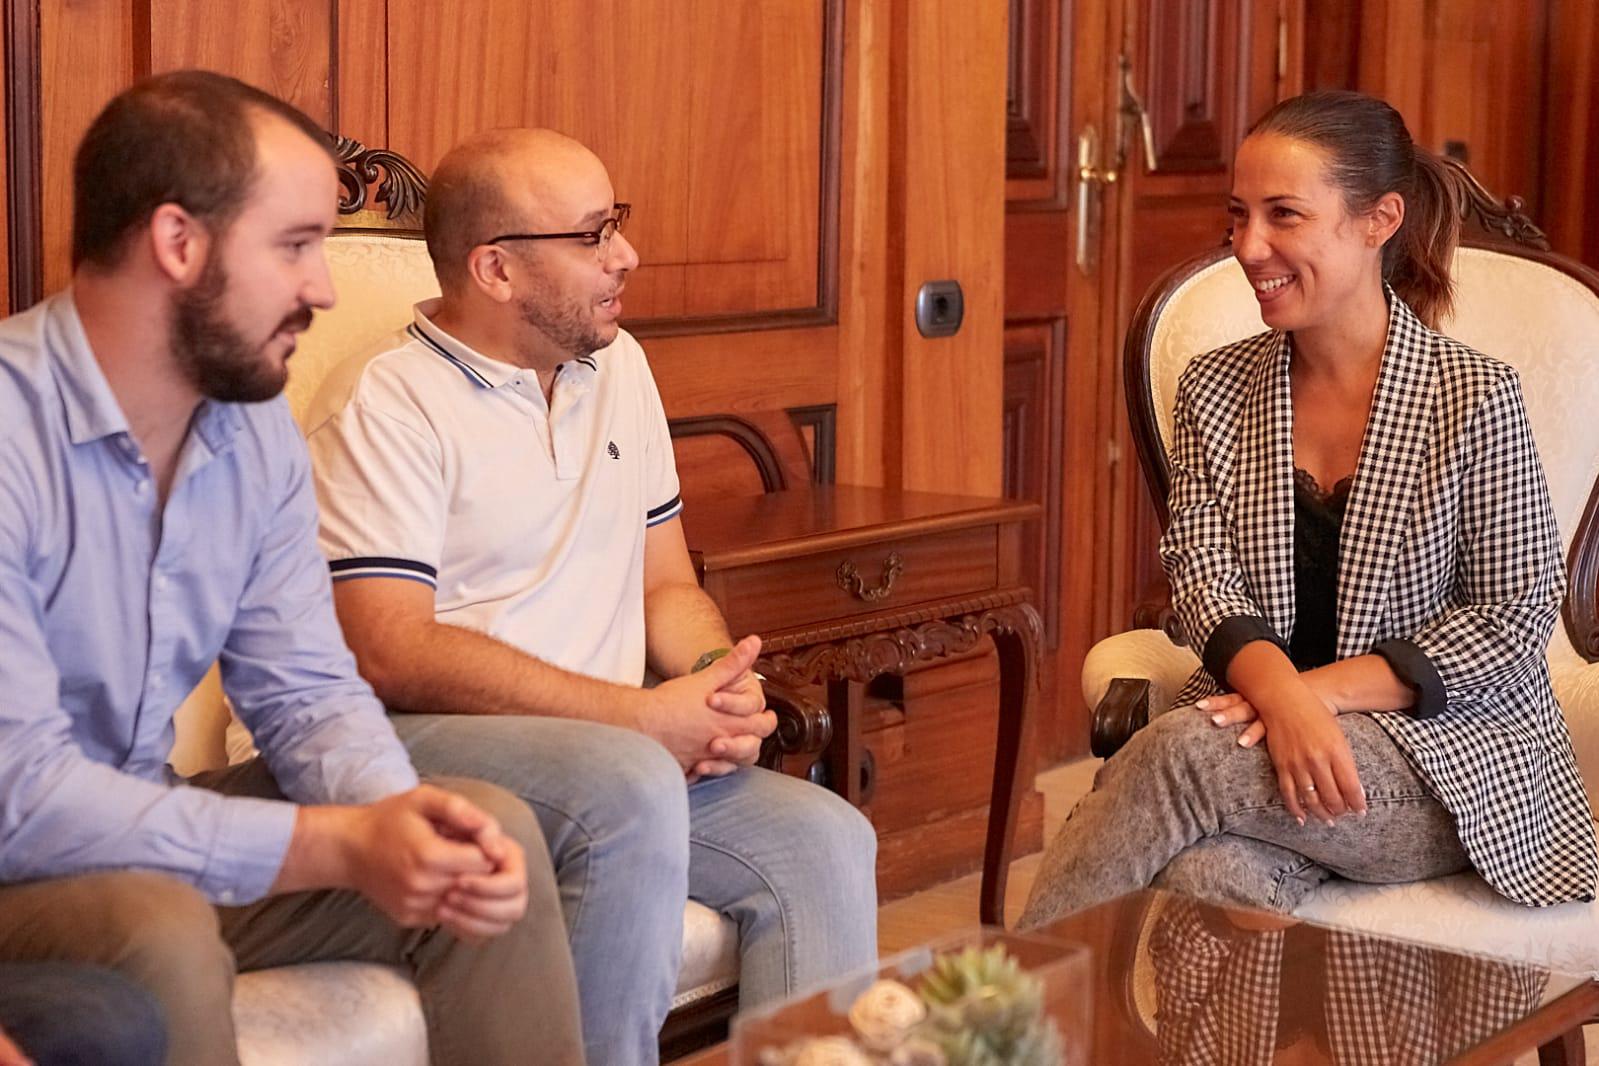 La alcaldesa de Santa Cruz recibe a los músicos internacionales Mollá y Rejano